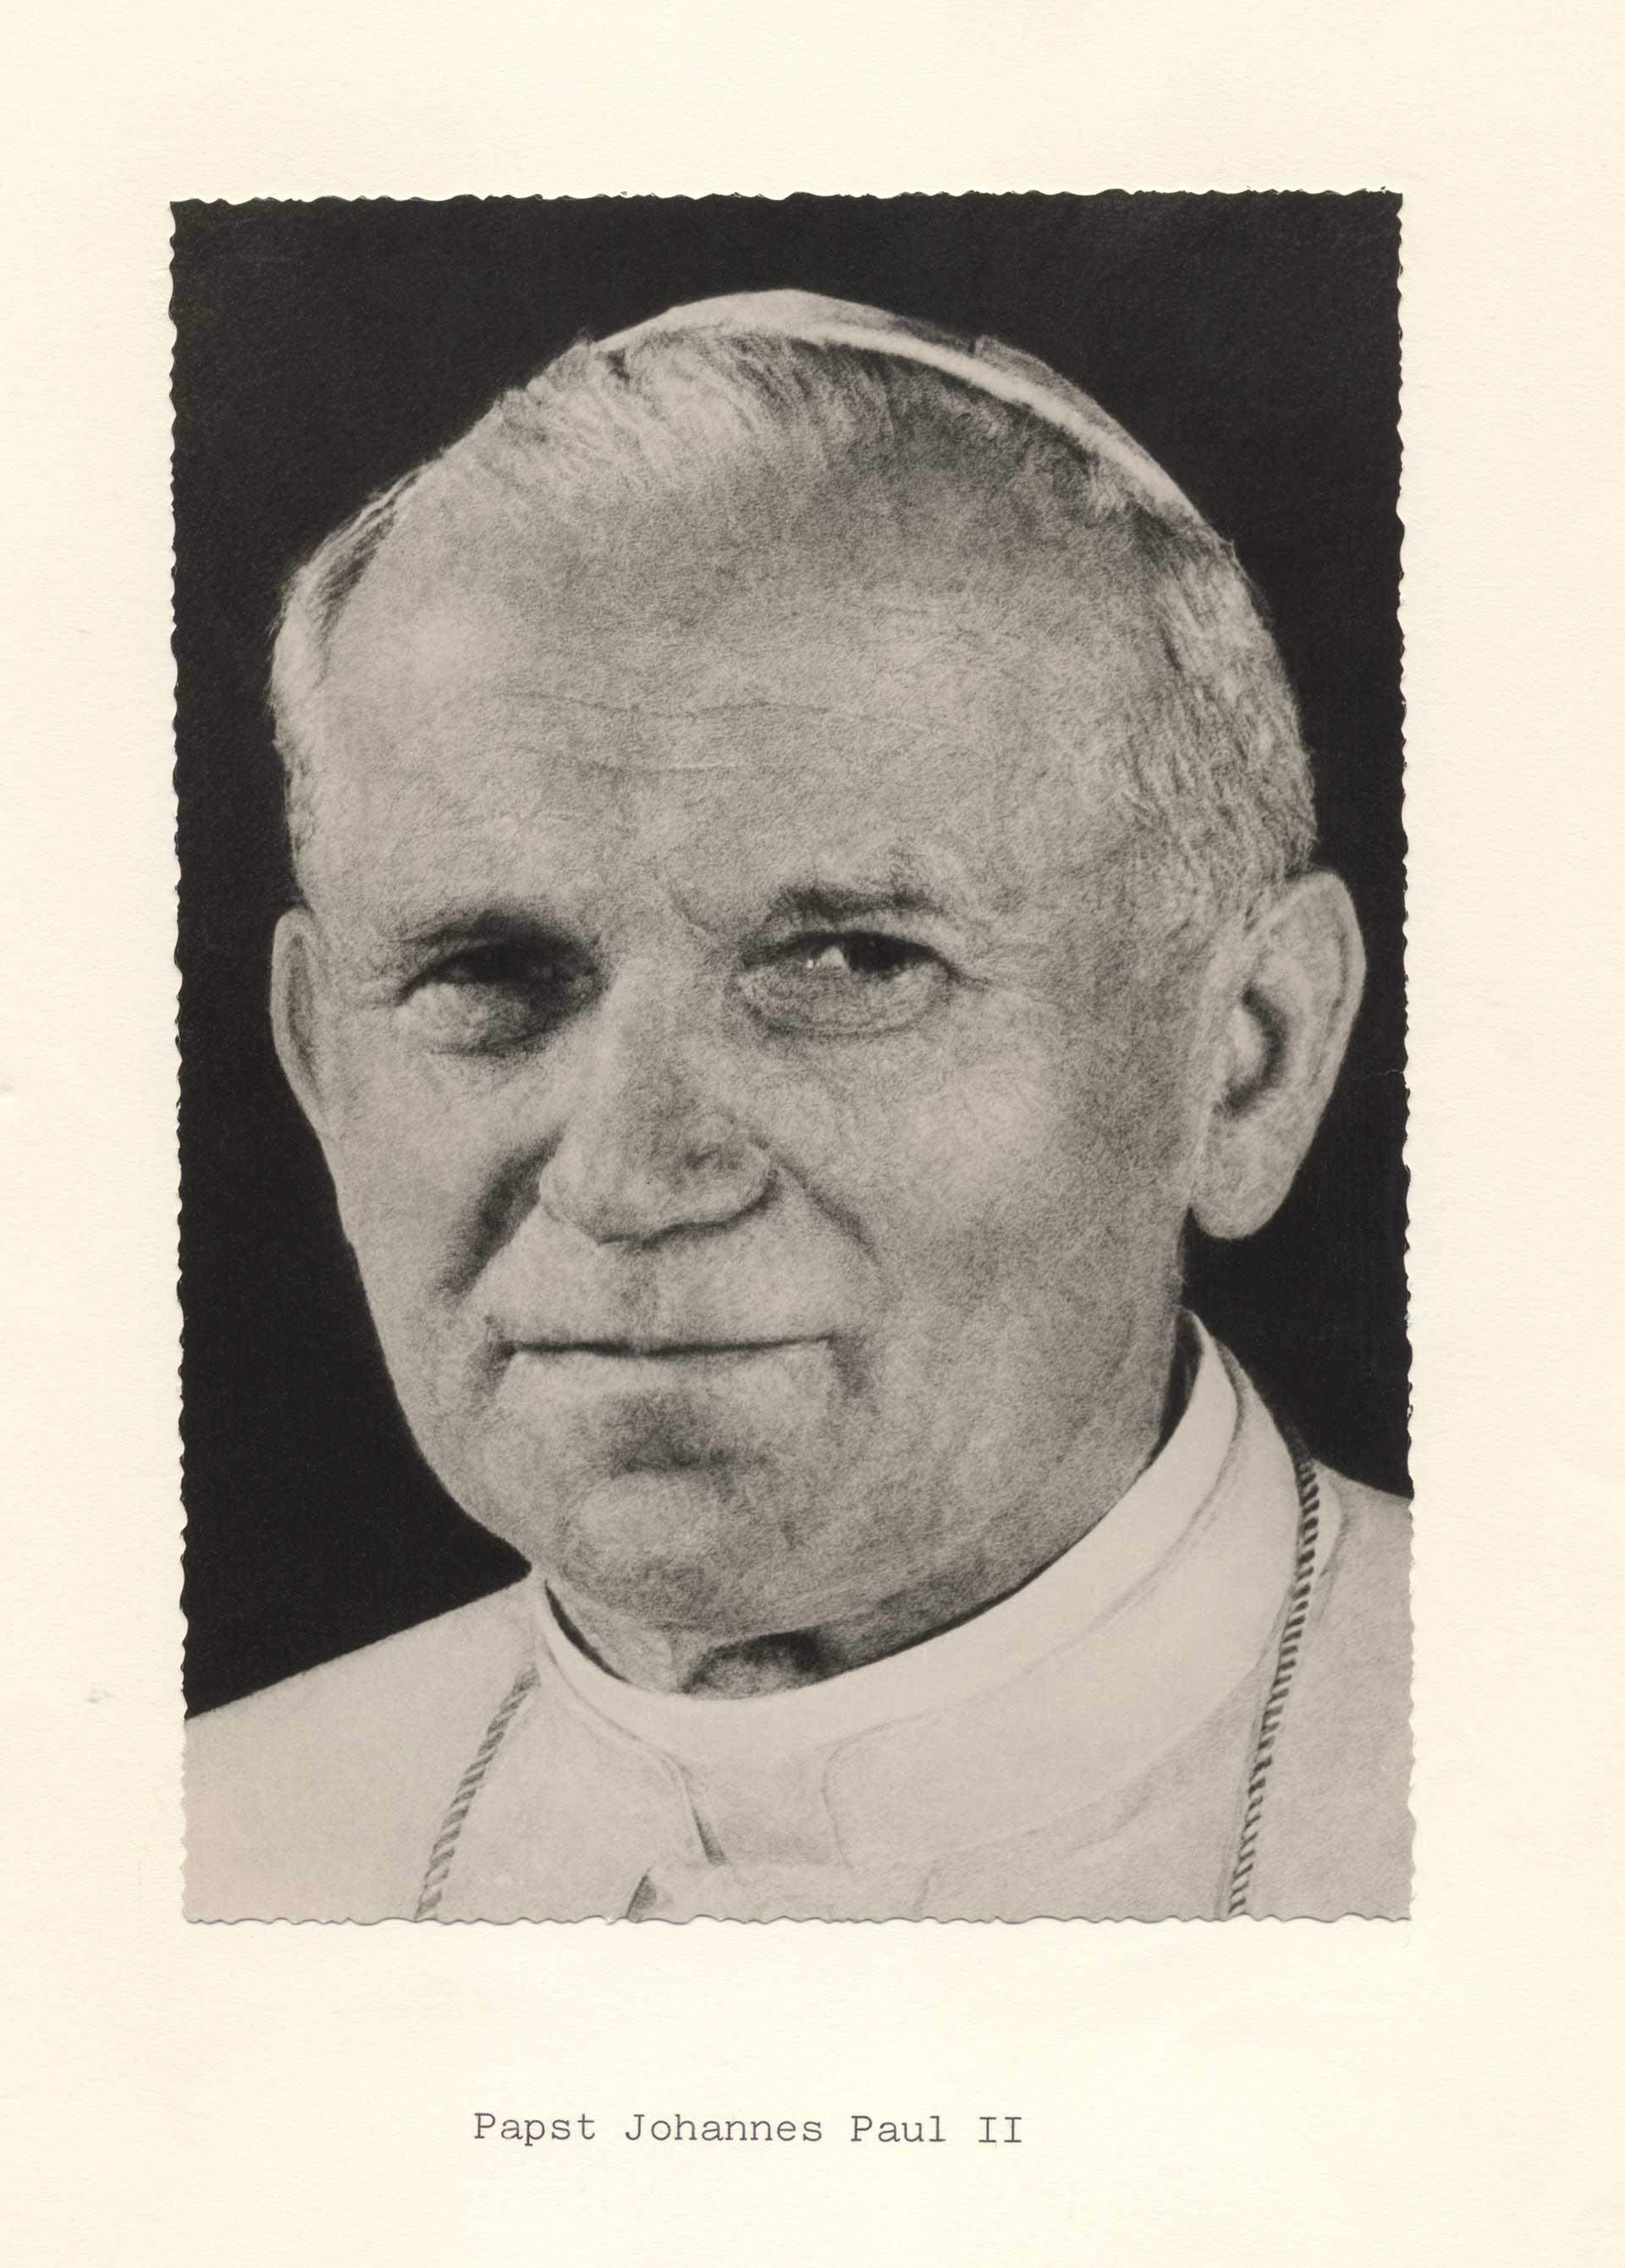 Pope Johannes Paul II